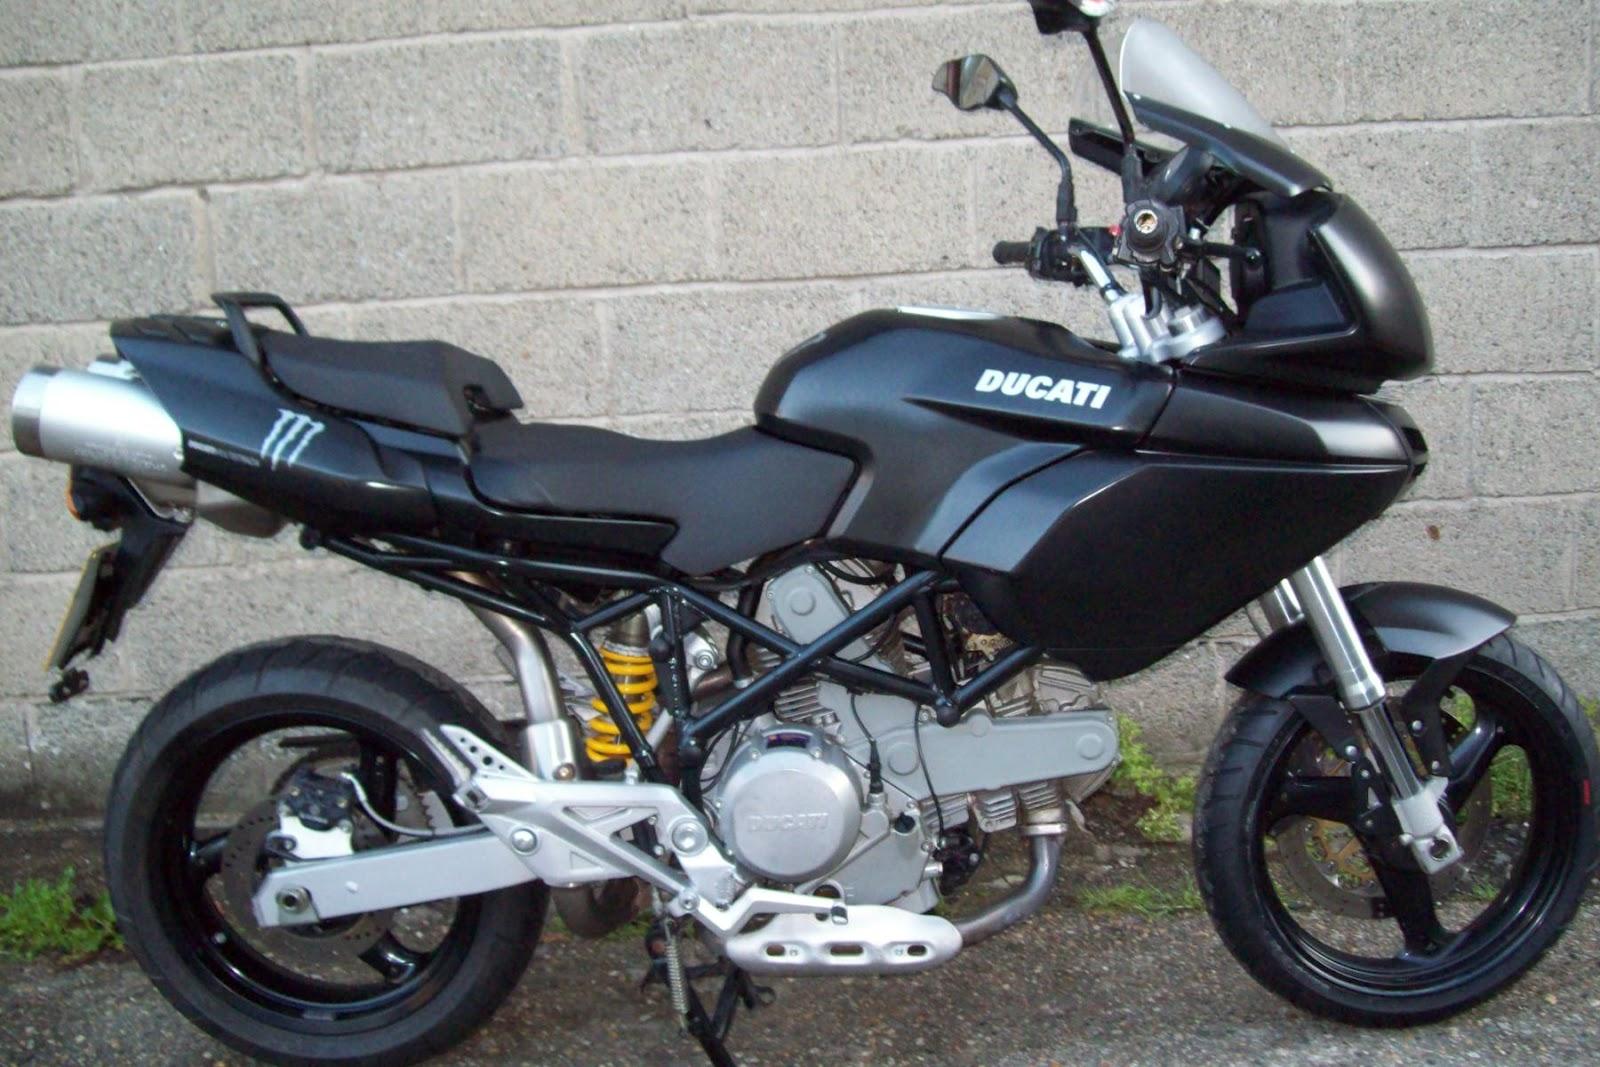 Ducati Workshop Manuals Resource Ducati Multistrada 620 620 Dark 2006 Owner Manual